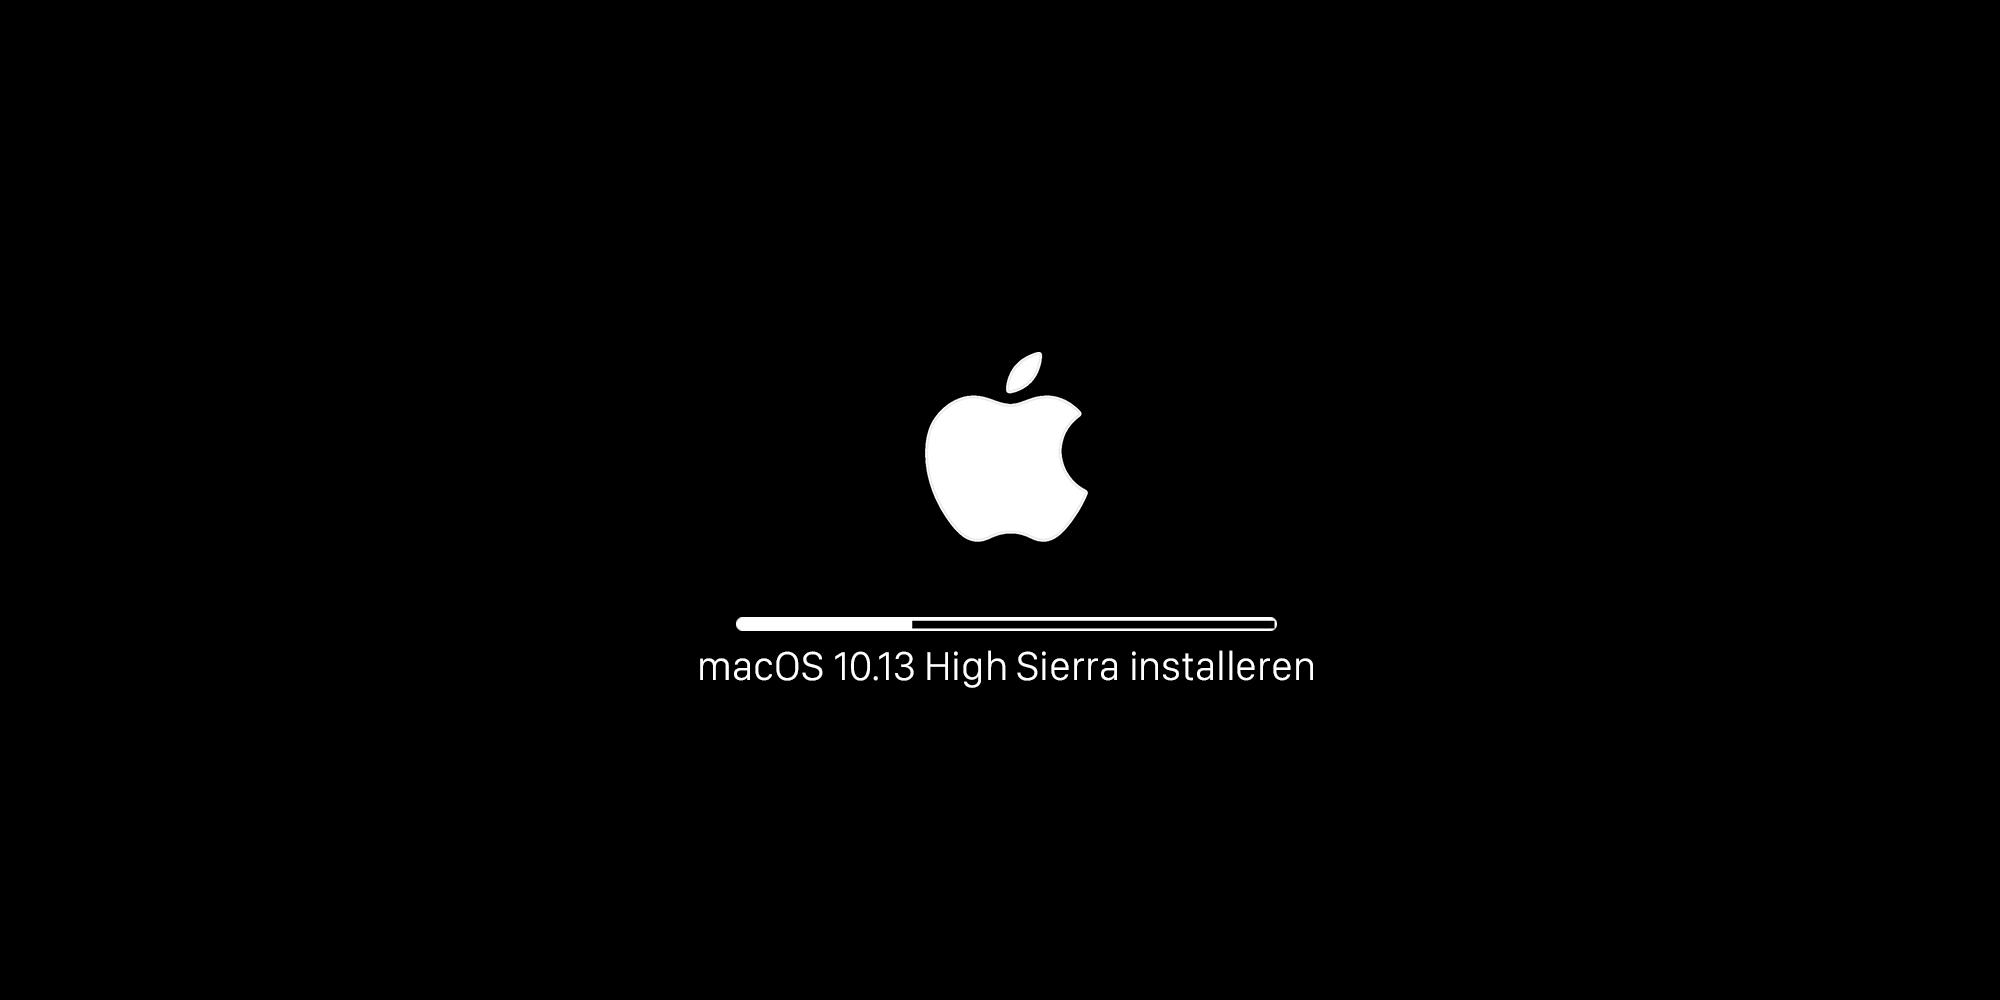 macOS 13.1 High Sierra